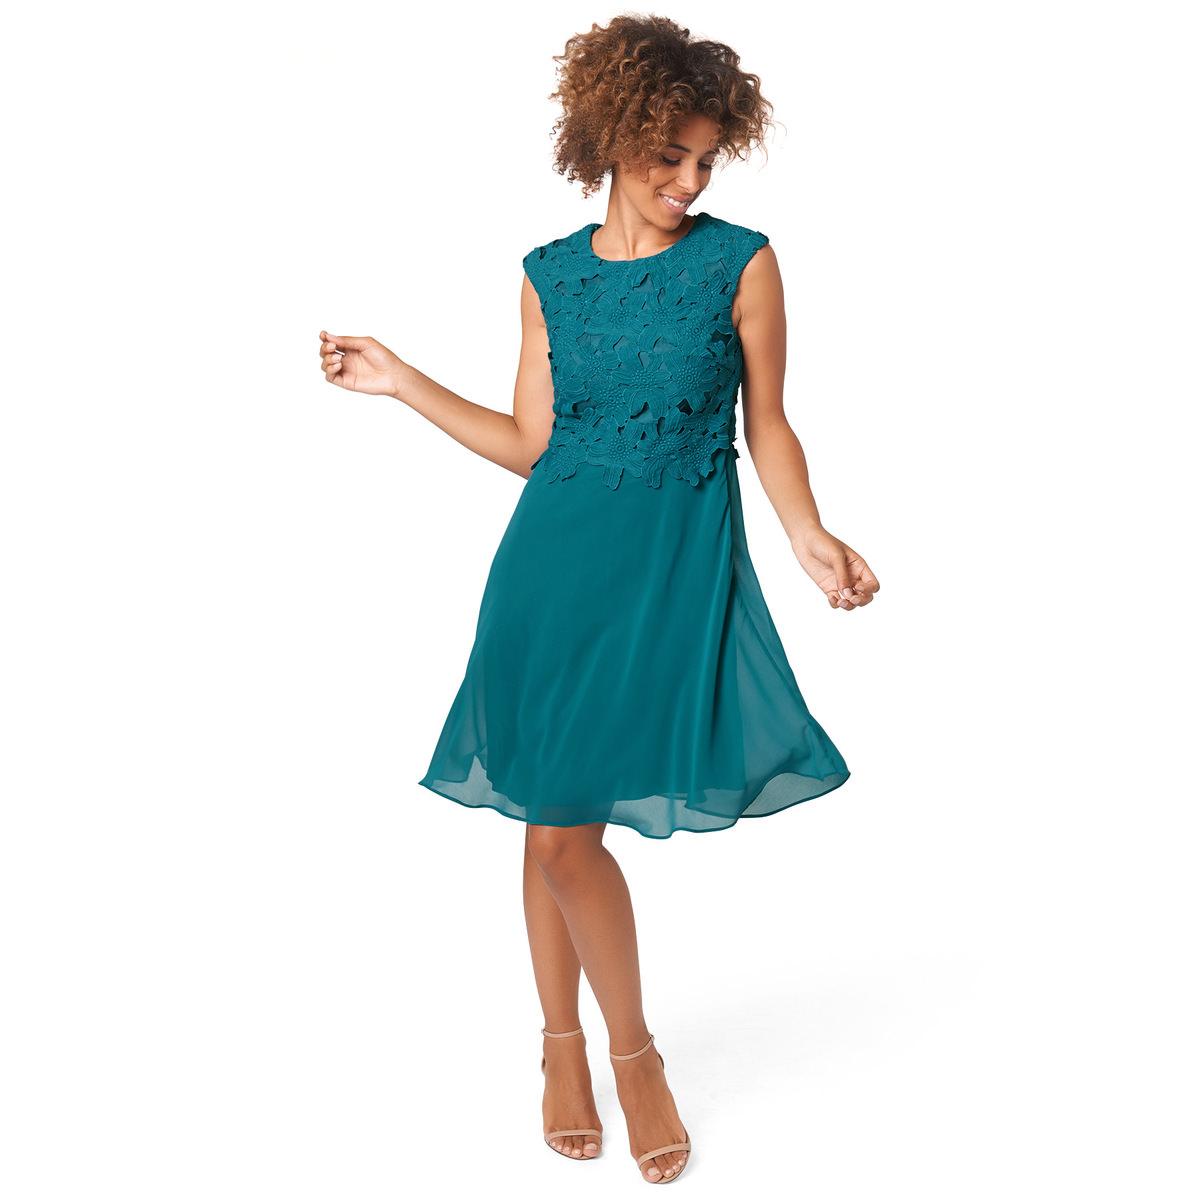 Kleid in Rock-Top-Optik in teal green